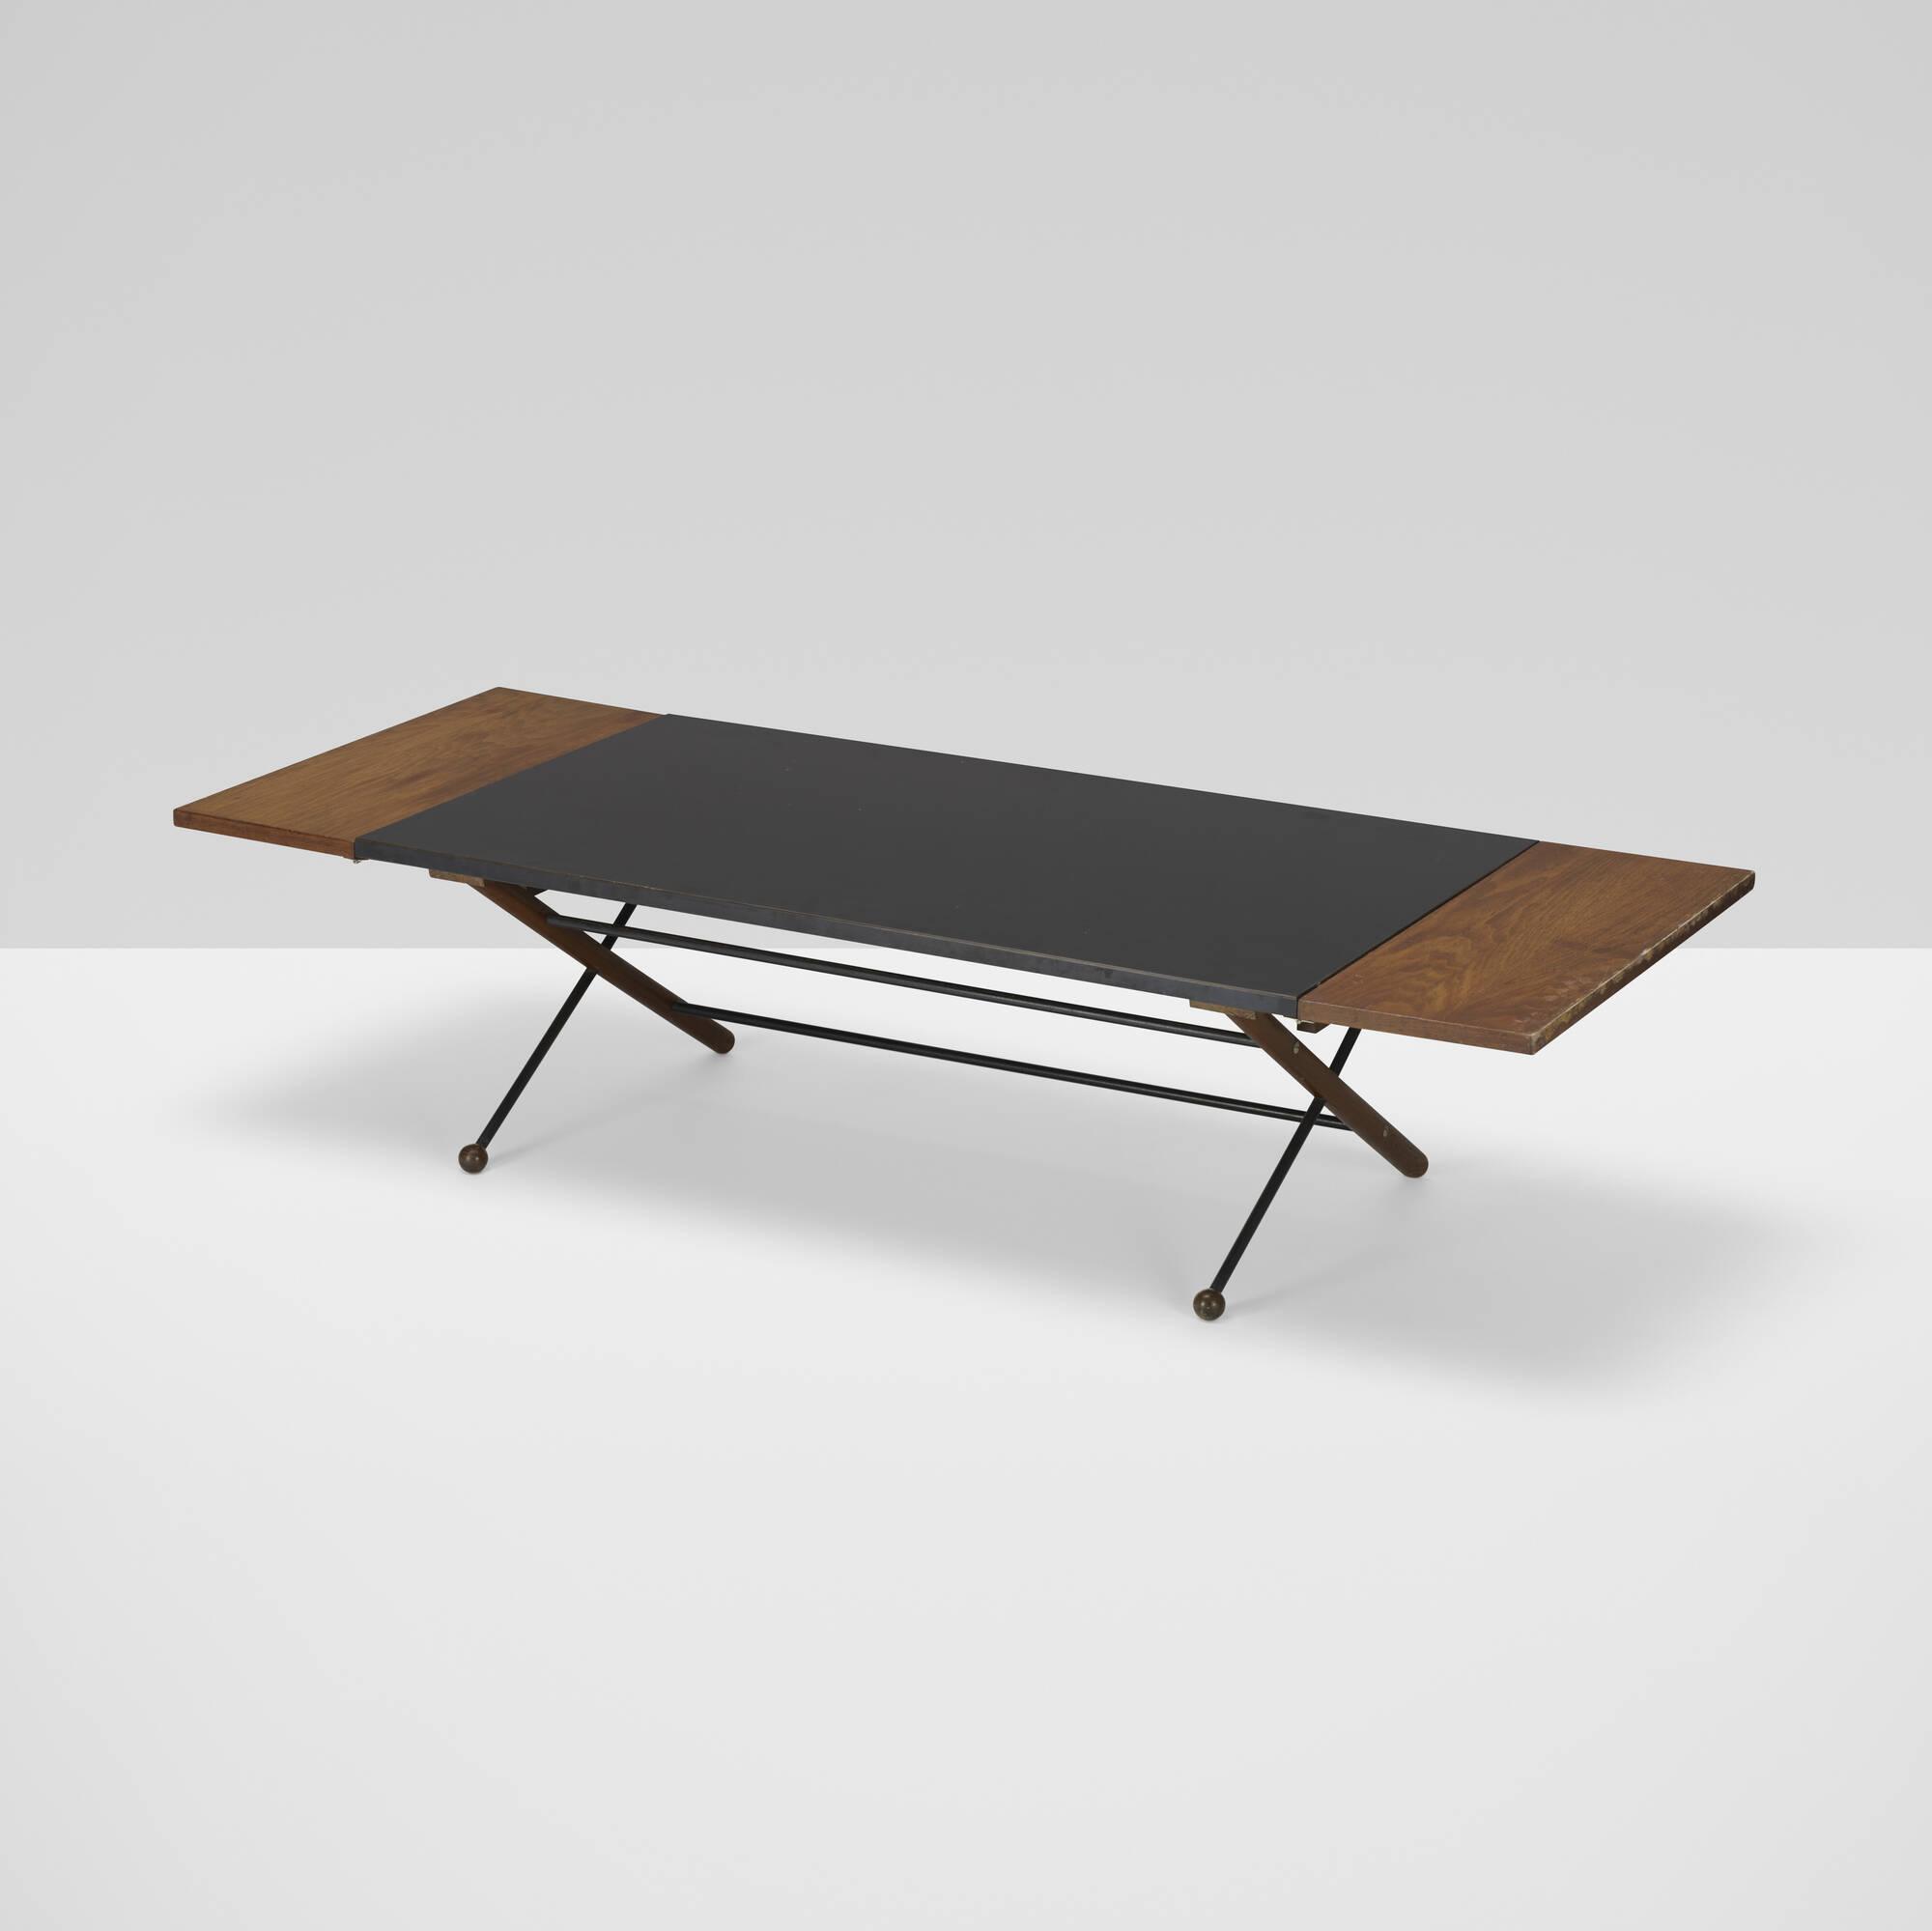 354: Greta Magnusson Grossman / drop-leaf coffee table (1 of 3)